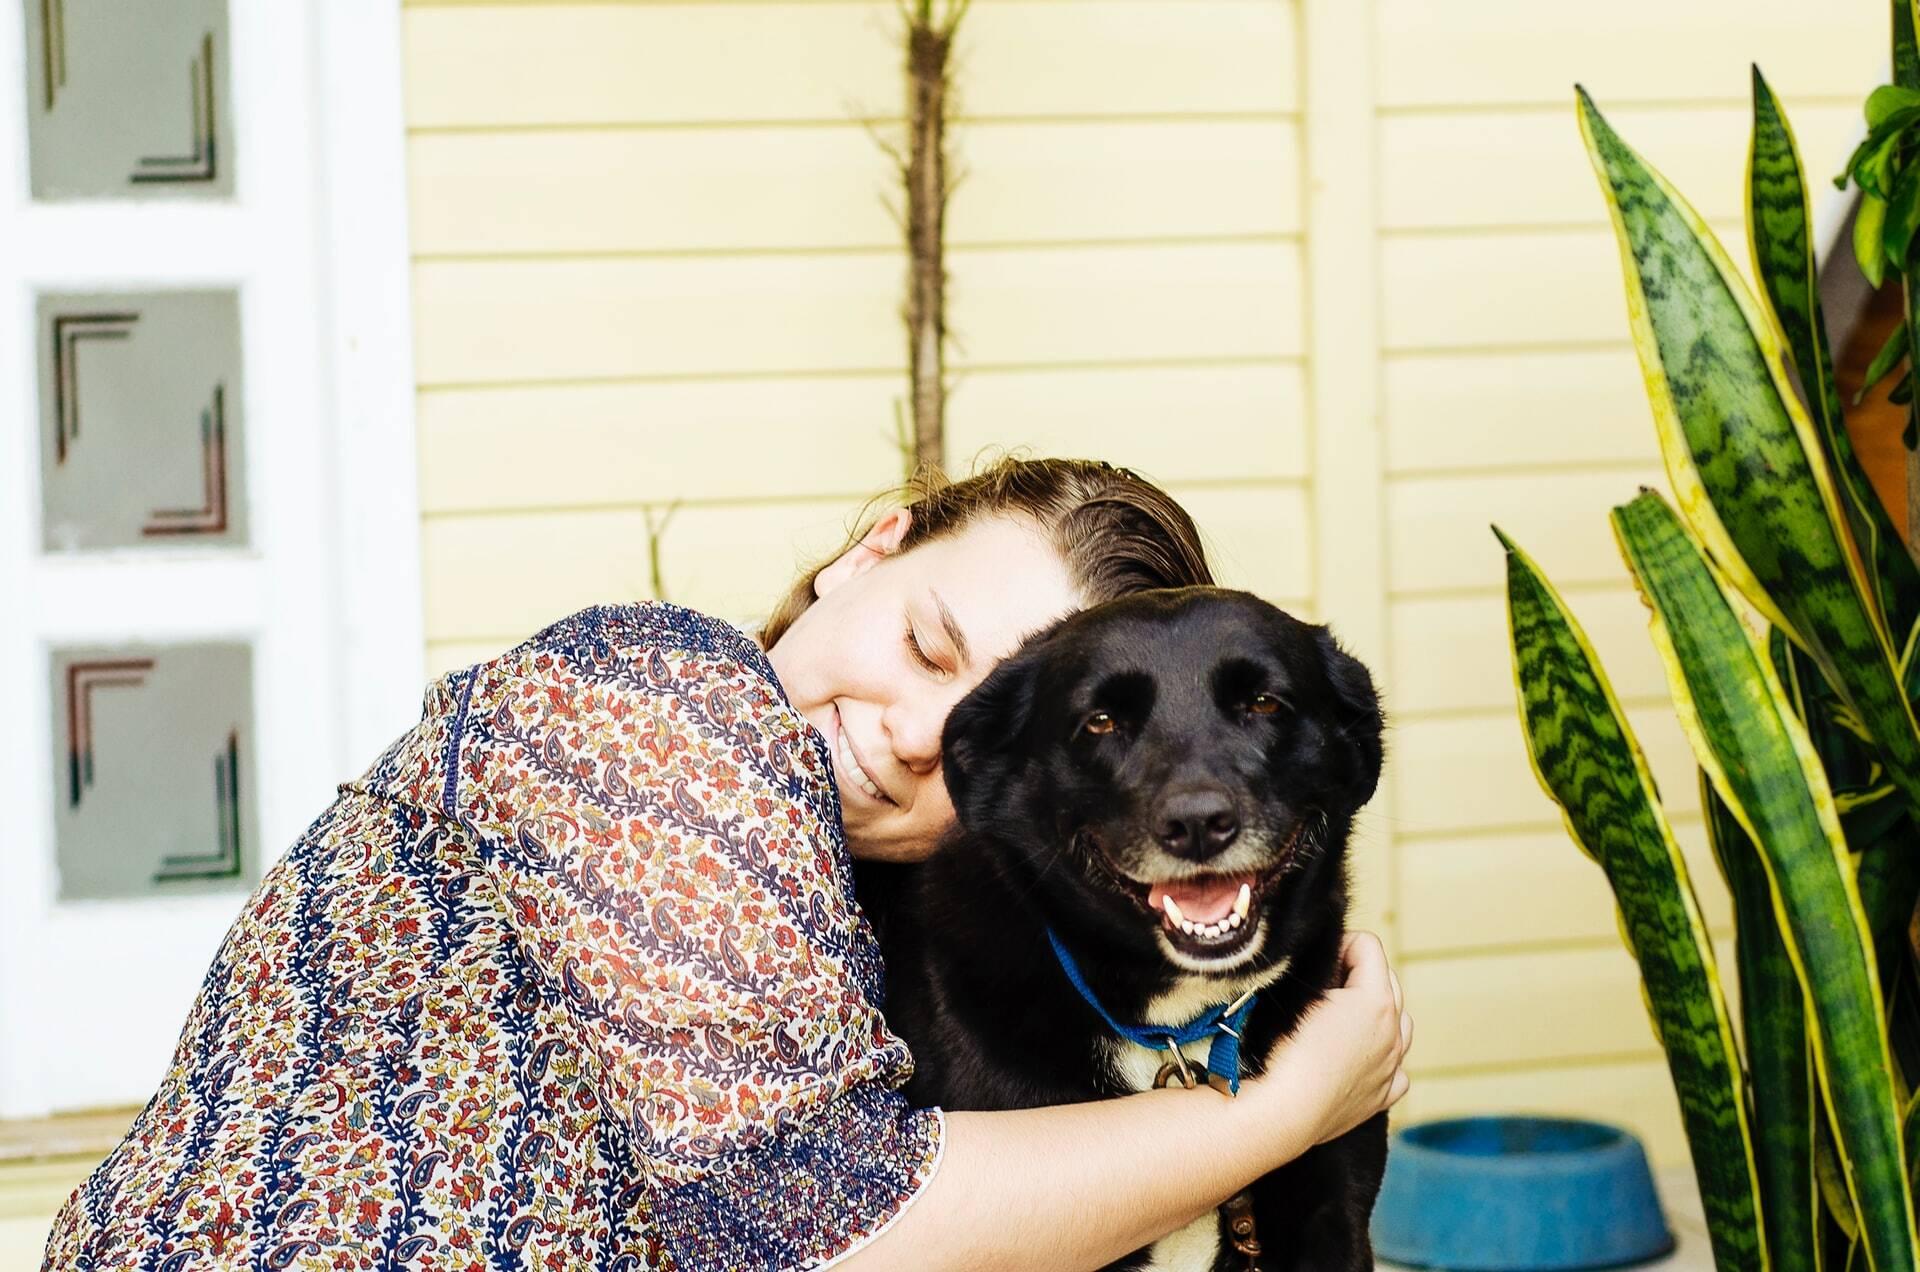 Quer que seu cão viva mais? Não deixe de ler este texto